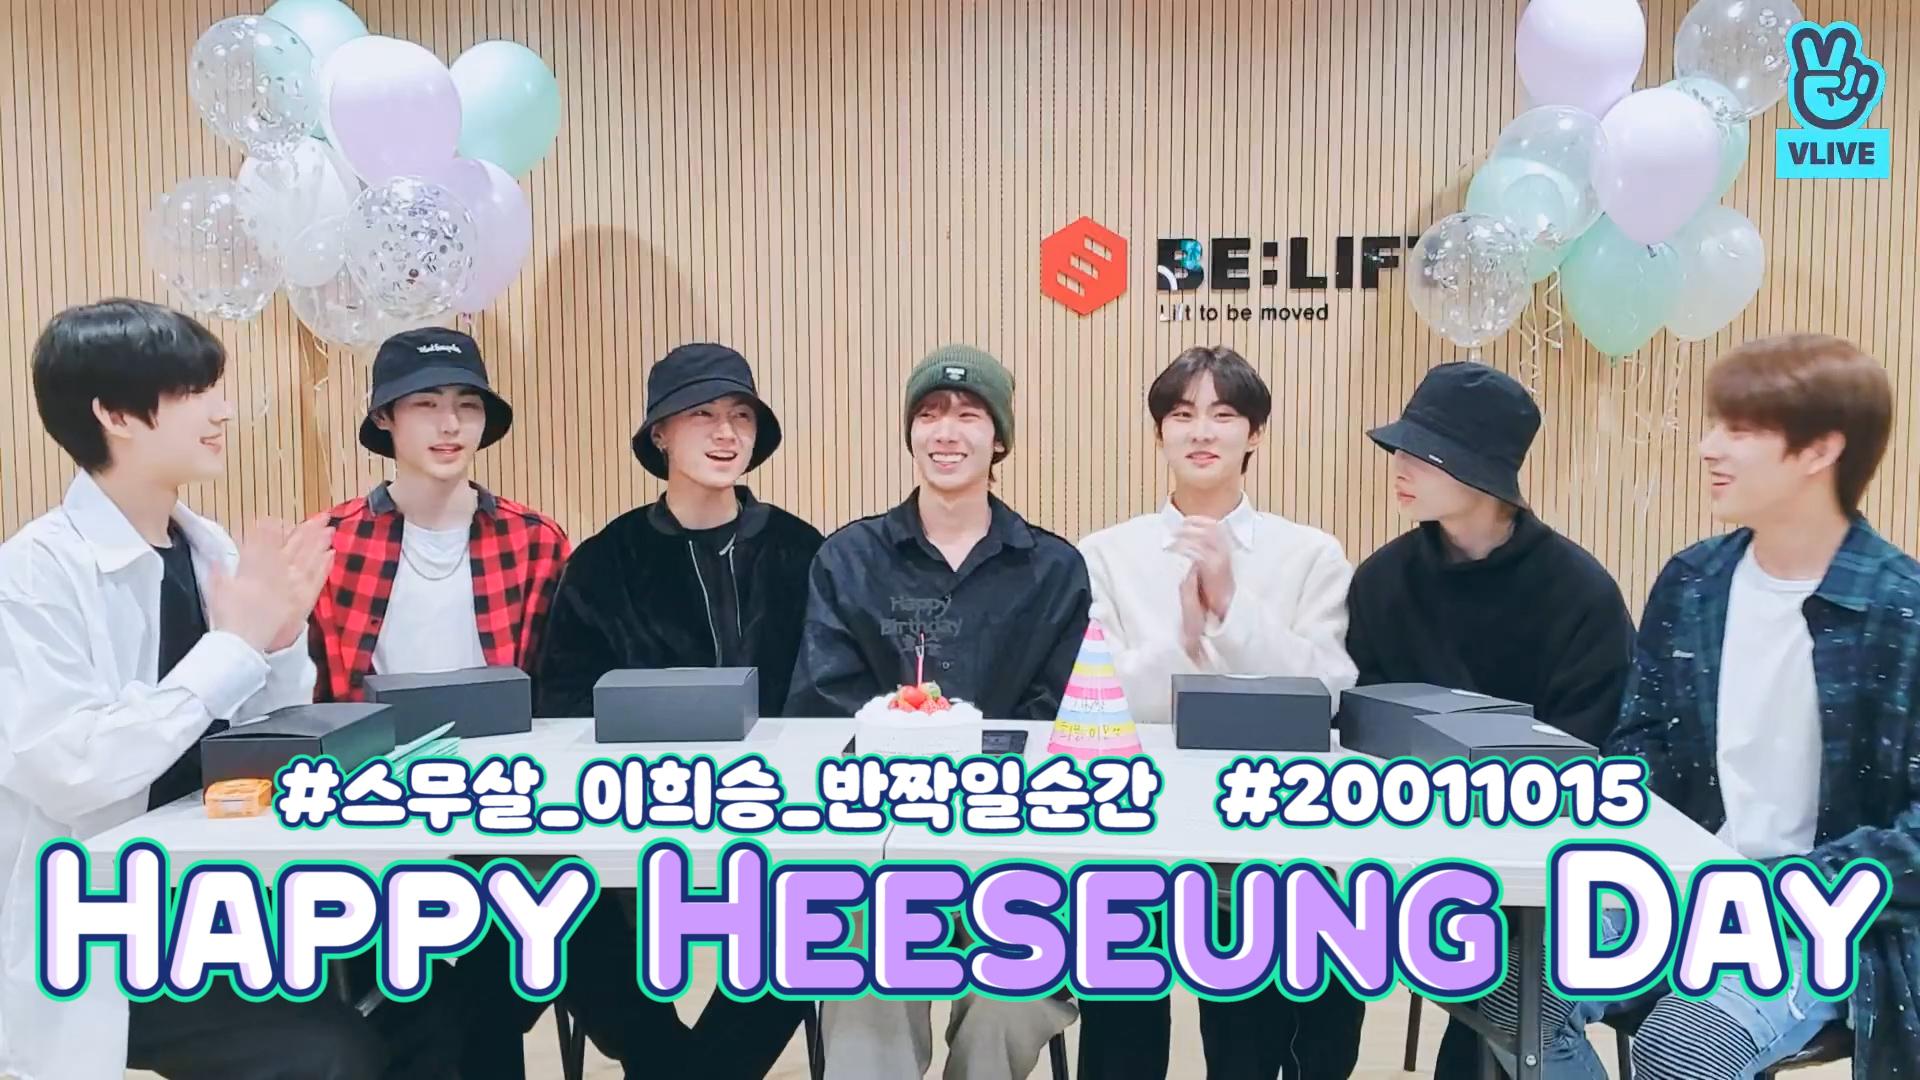 [ENHYPEN] 🎉멋있고 다 잘하는 만능인 히뜽 생일축하해💖 (HAPPY HEESEUNG DAY!)